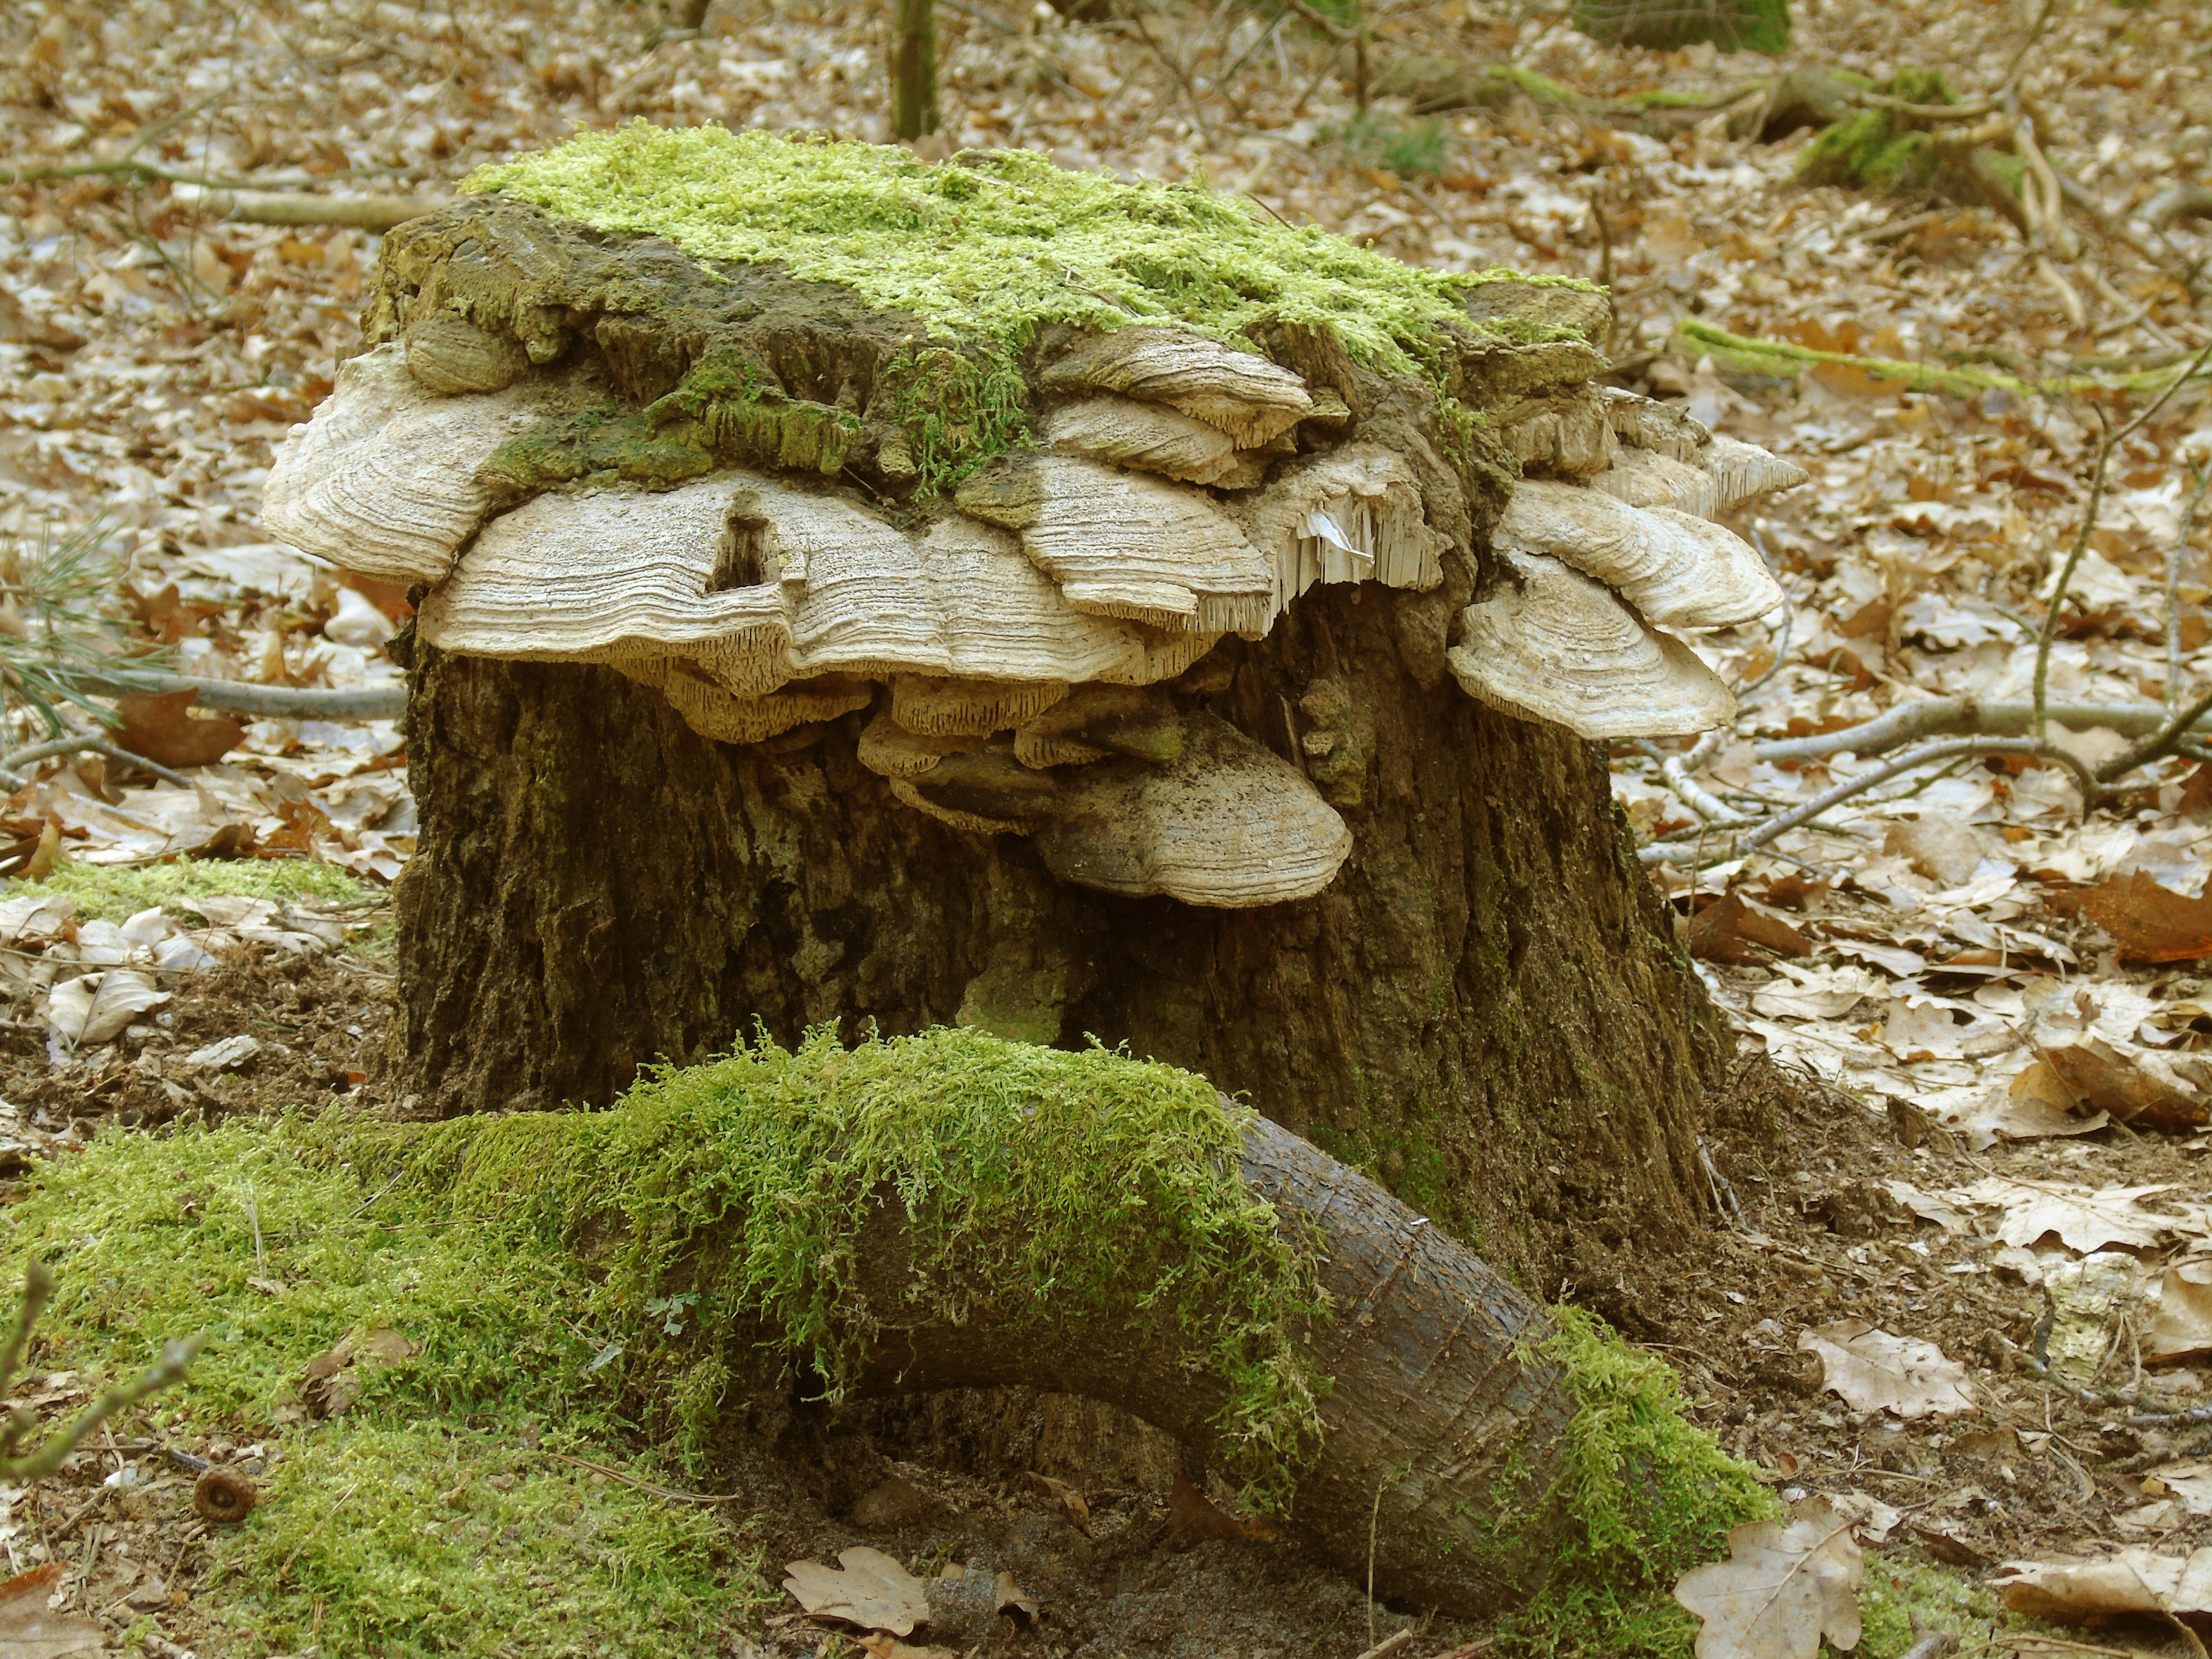 images gratuites arbre la nature for t roche r gion sauvage plante feuille fleur tronc. Black Bedroom Furniture Sets. Home Design Ideas